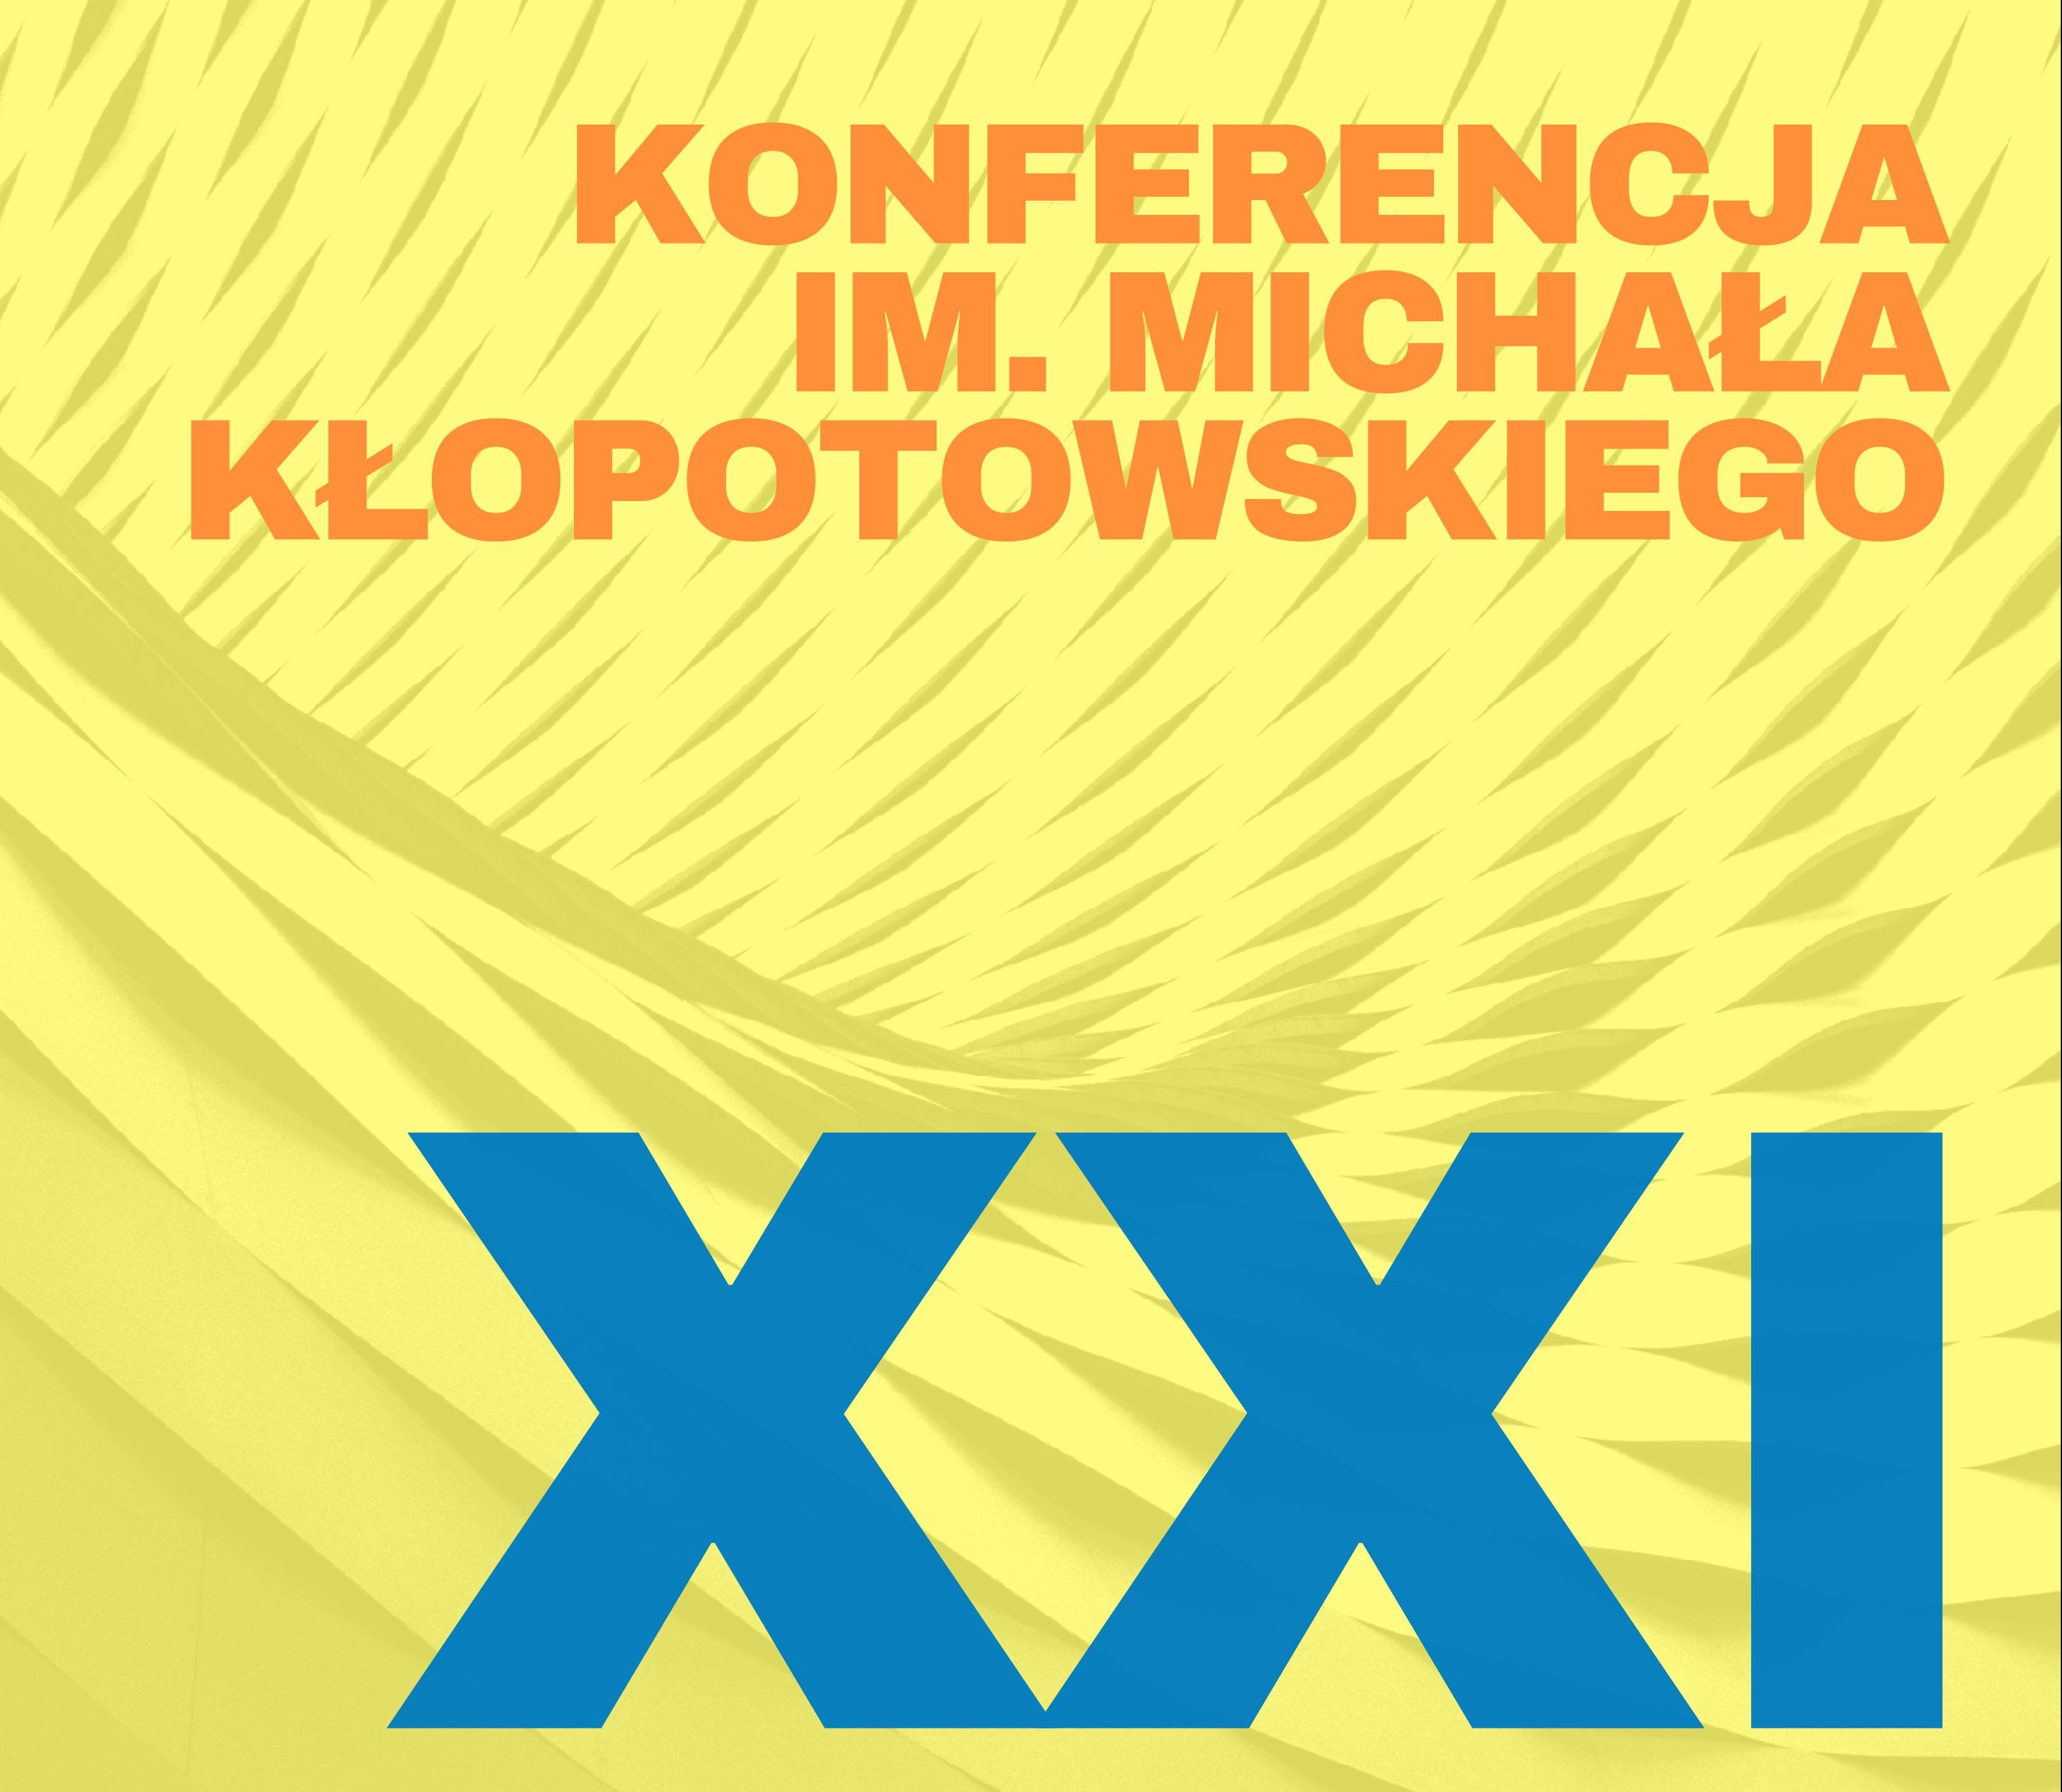 XXI Międzynarodowa Konferencja Naukowa Studentów Stomatologii im. Michała Kłopotowskiego